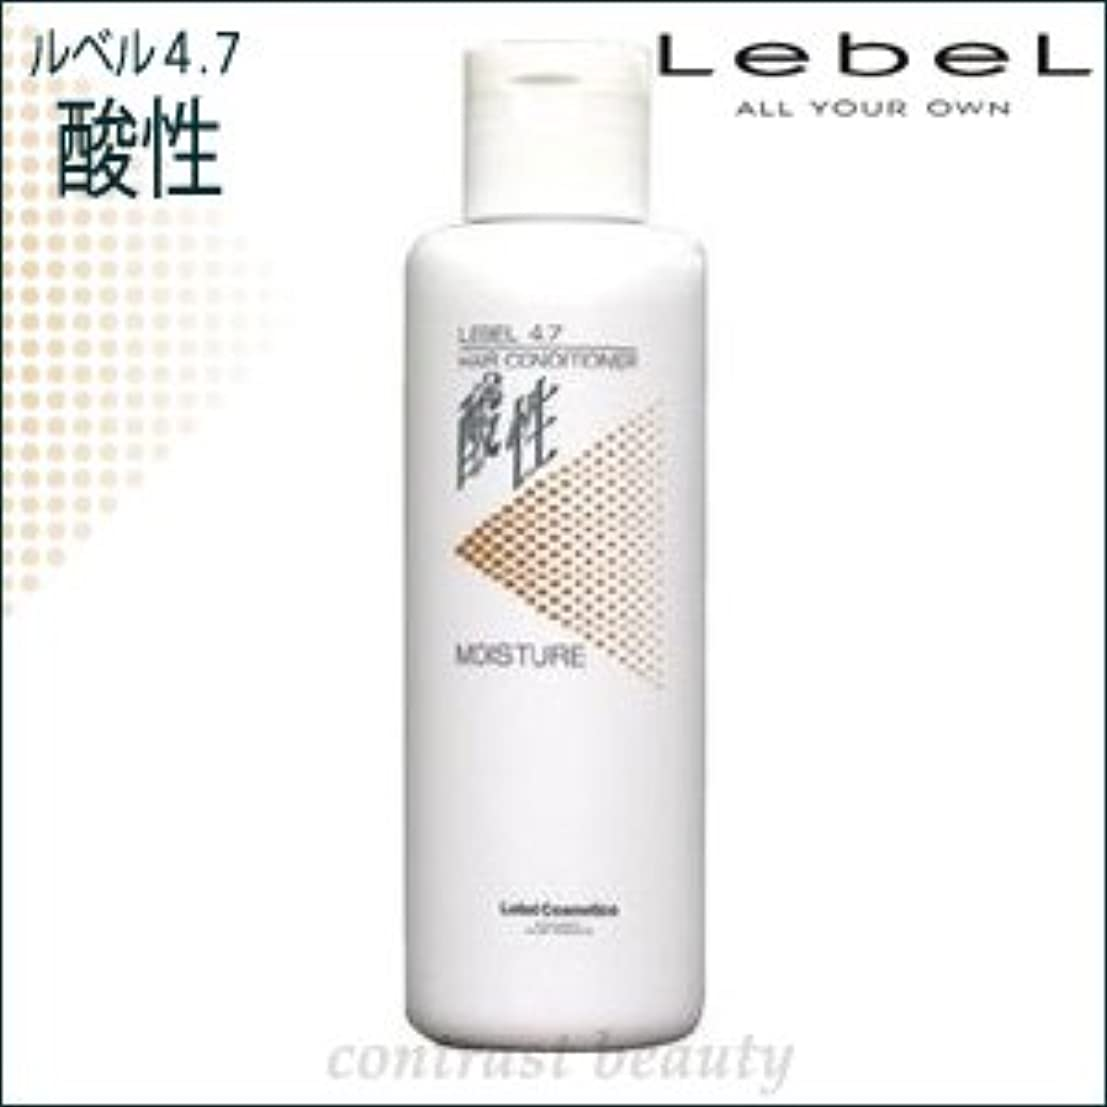 熱帯の明示的に子孫【X2個セット】 ルベル/LebeL 4.7酸性 モイスチャーコンディショナー 250ml